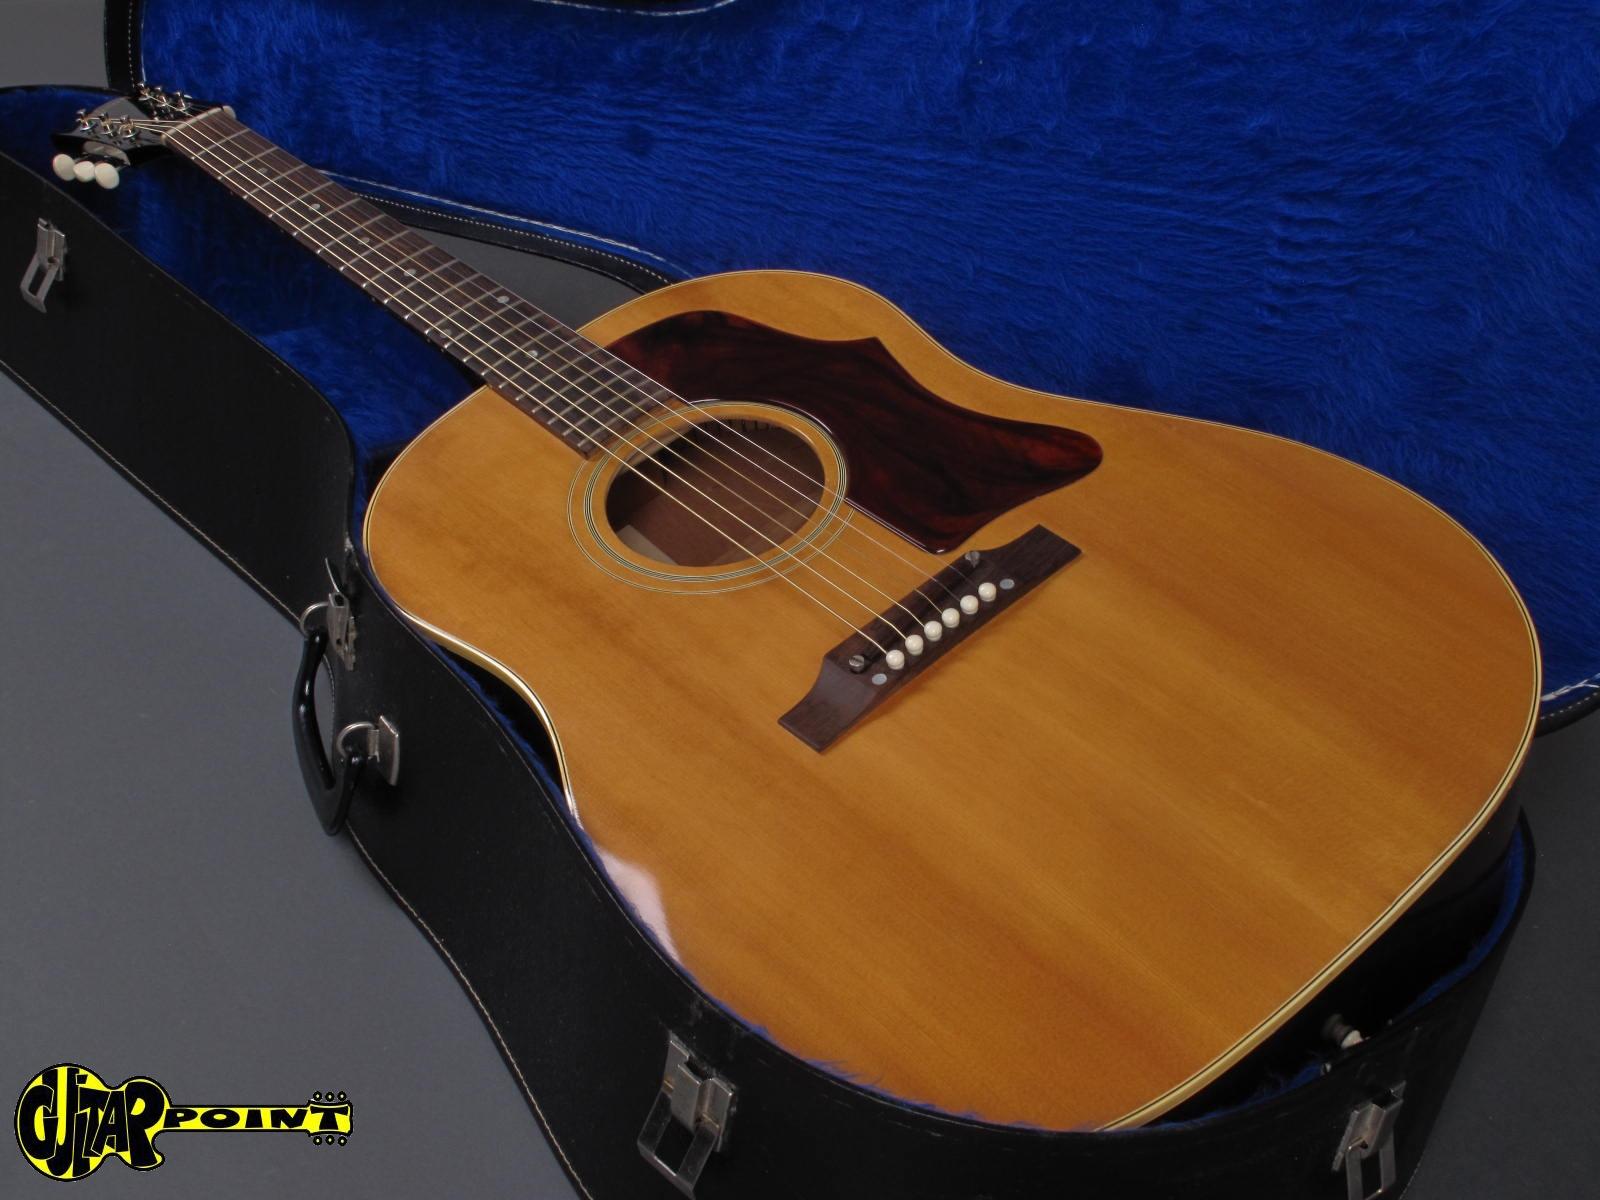 gibson j 50 1964 natural guitar for sale guitarpoint. Black Bedroom Furniture Sets. Home Design Ideas